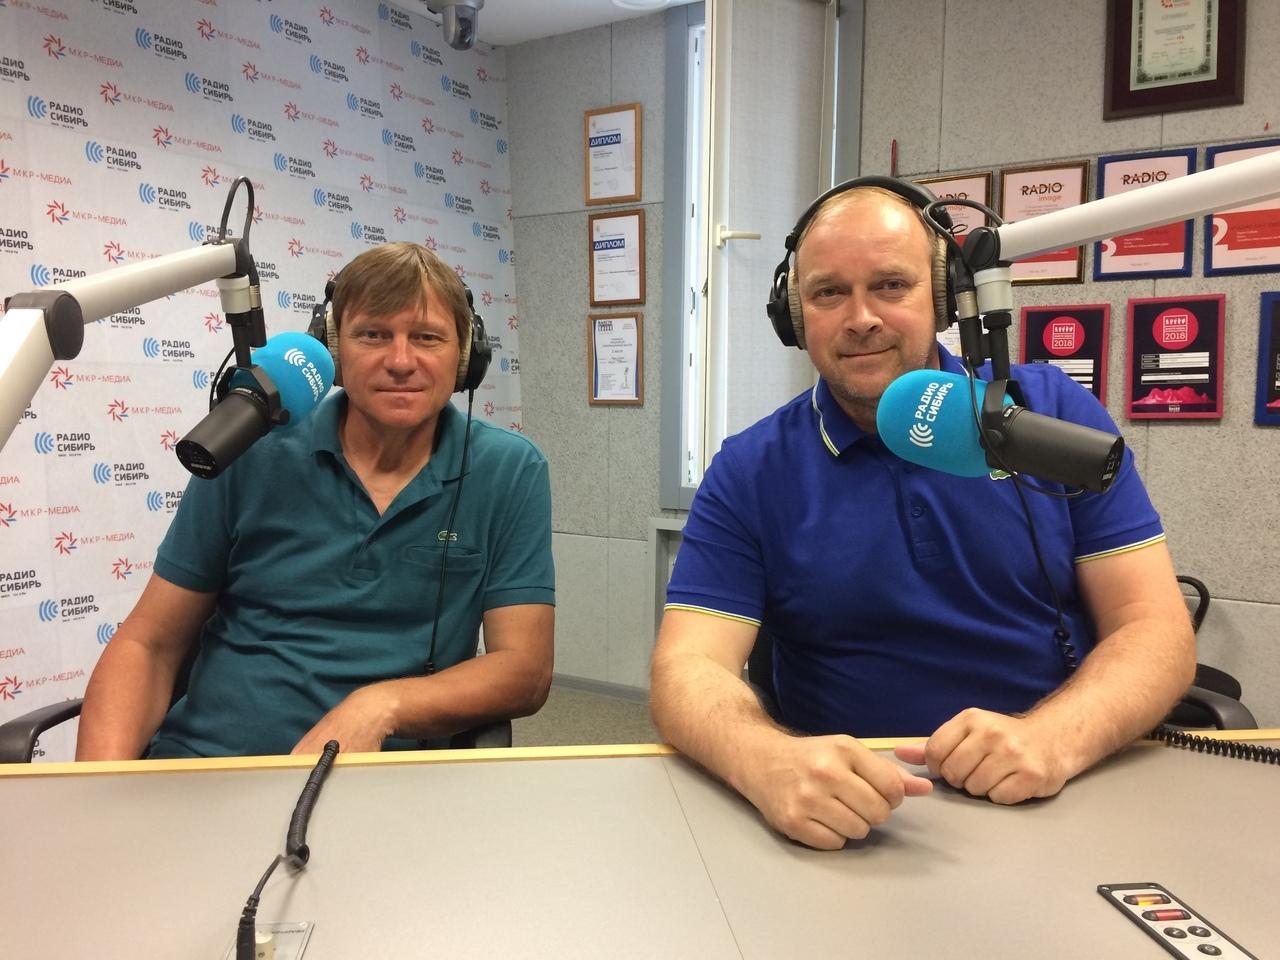 Сергей Новиков и Владимир Арайс на «Радио Сибирь» (17.10.2019)